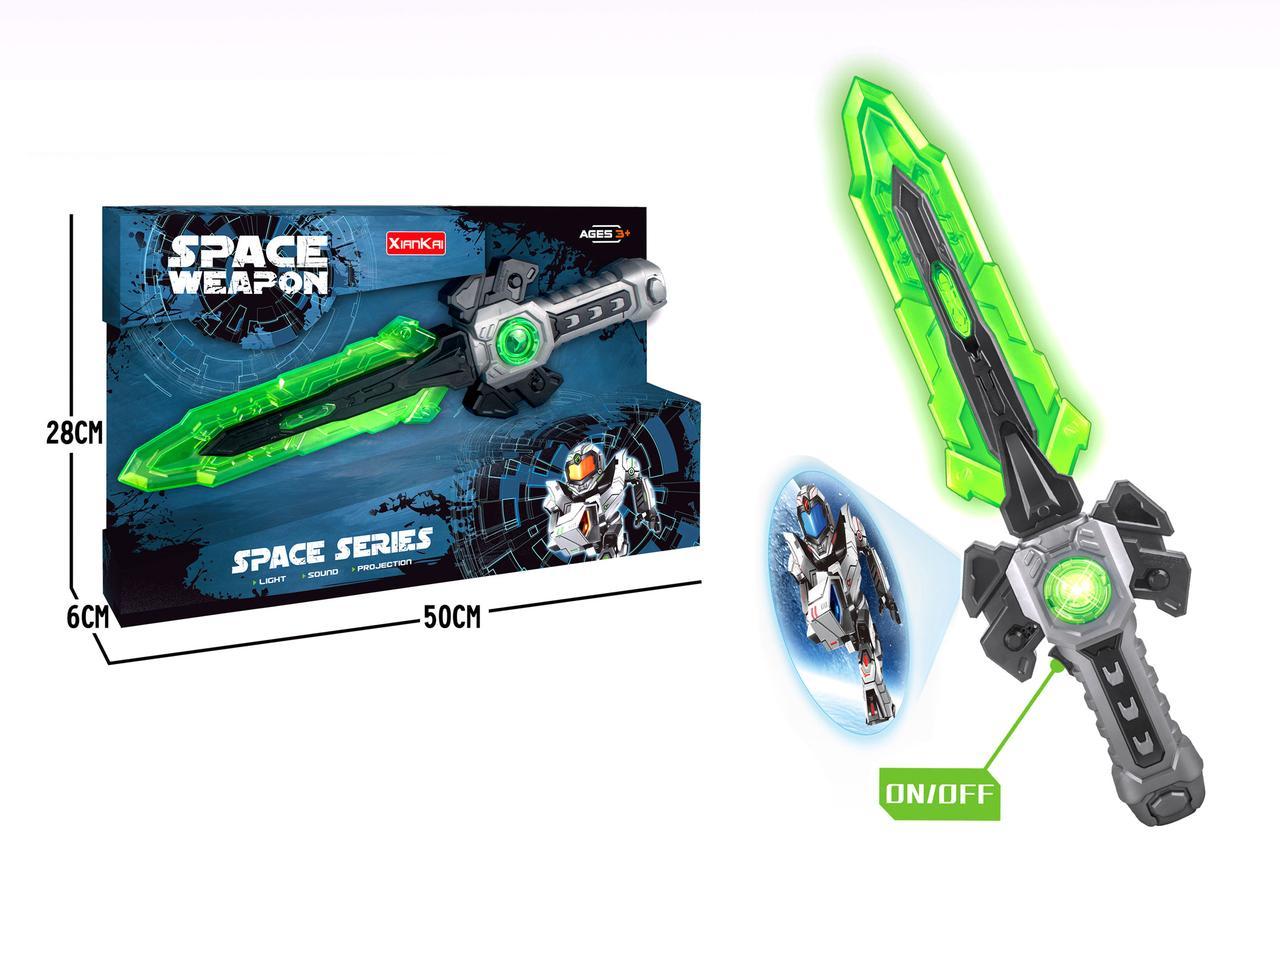 Меч игрушечый SPACE  со светом, работают от батарей